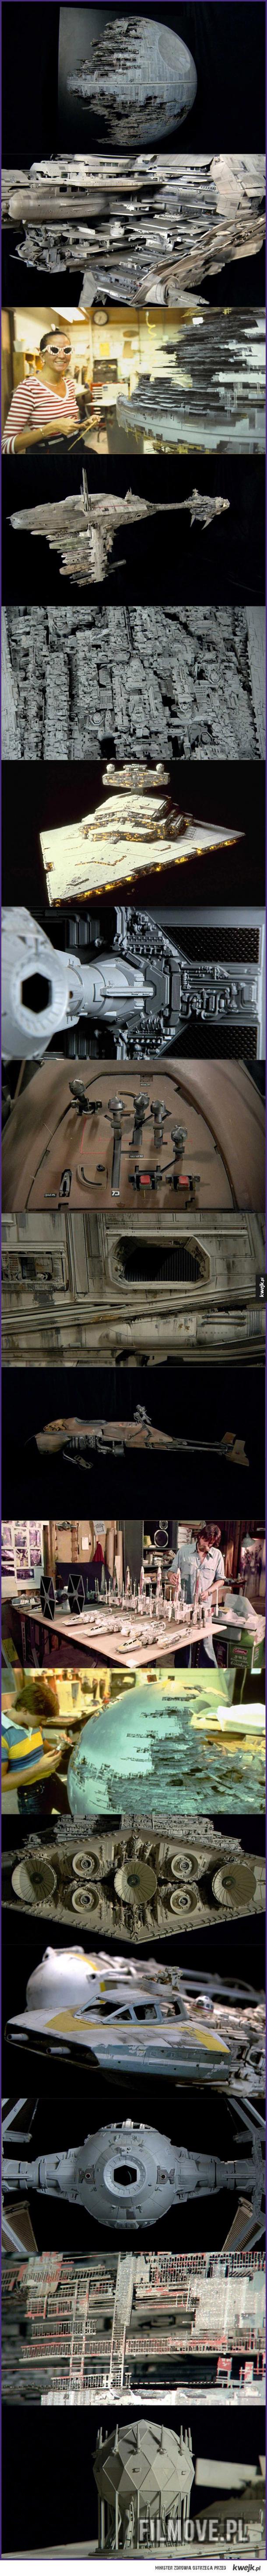 Modele użyte w Gwiezdnych Wojnach to dzieła sztuki